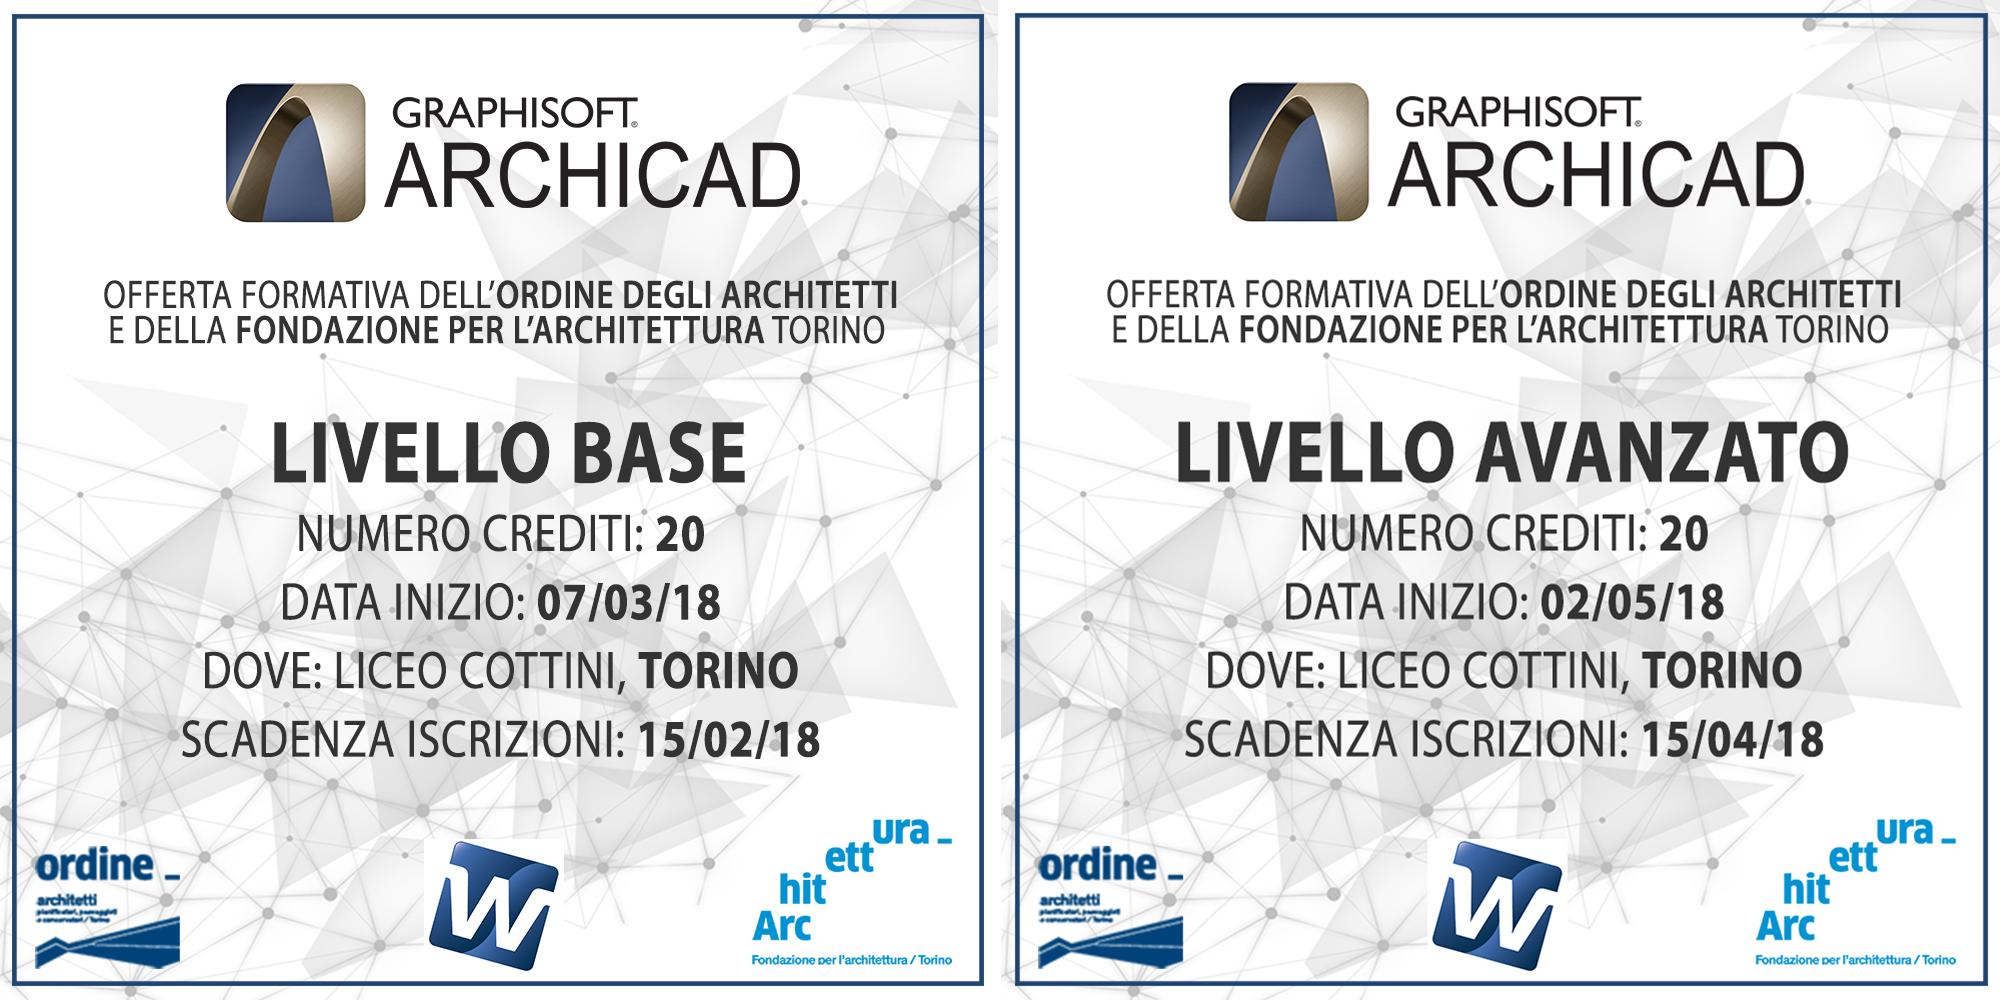 ferta formativa dell Ordine e della Fondazione Architetti P P C della Provincia di Torino